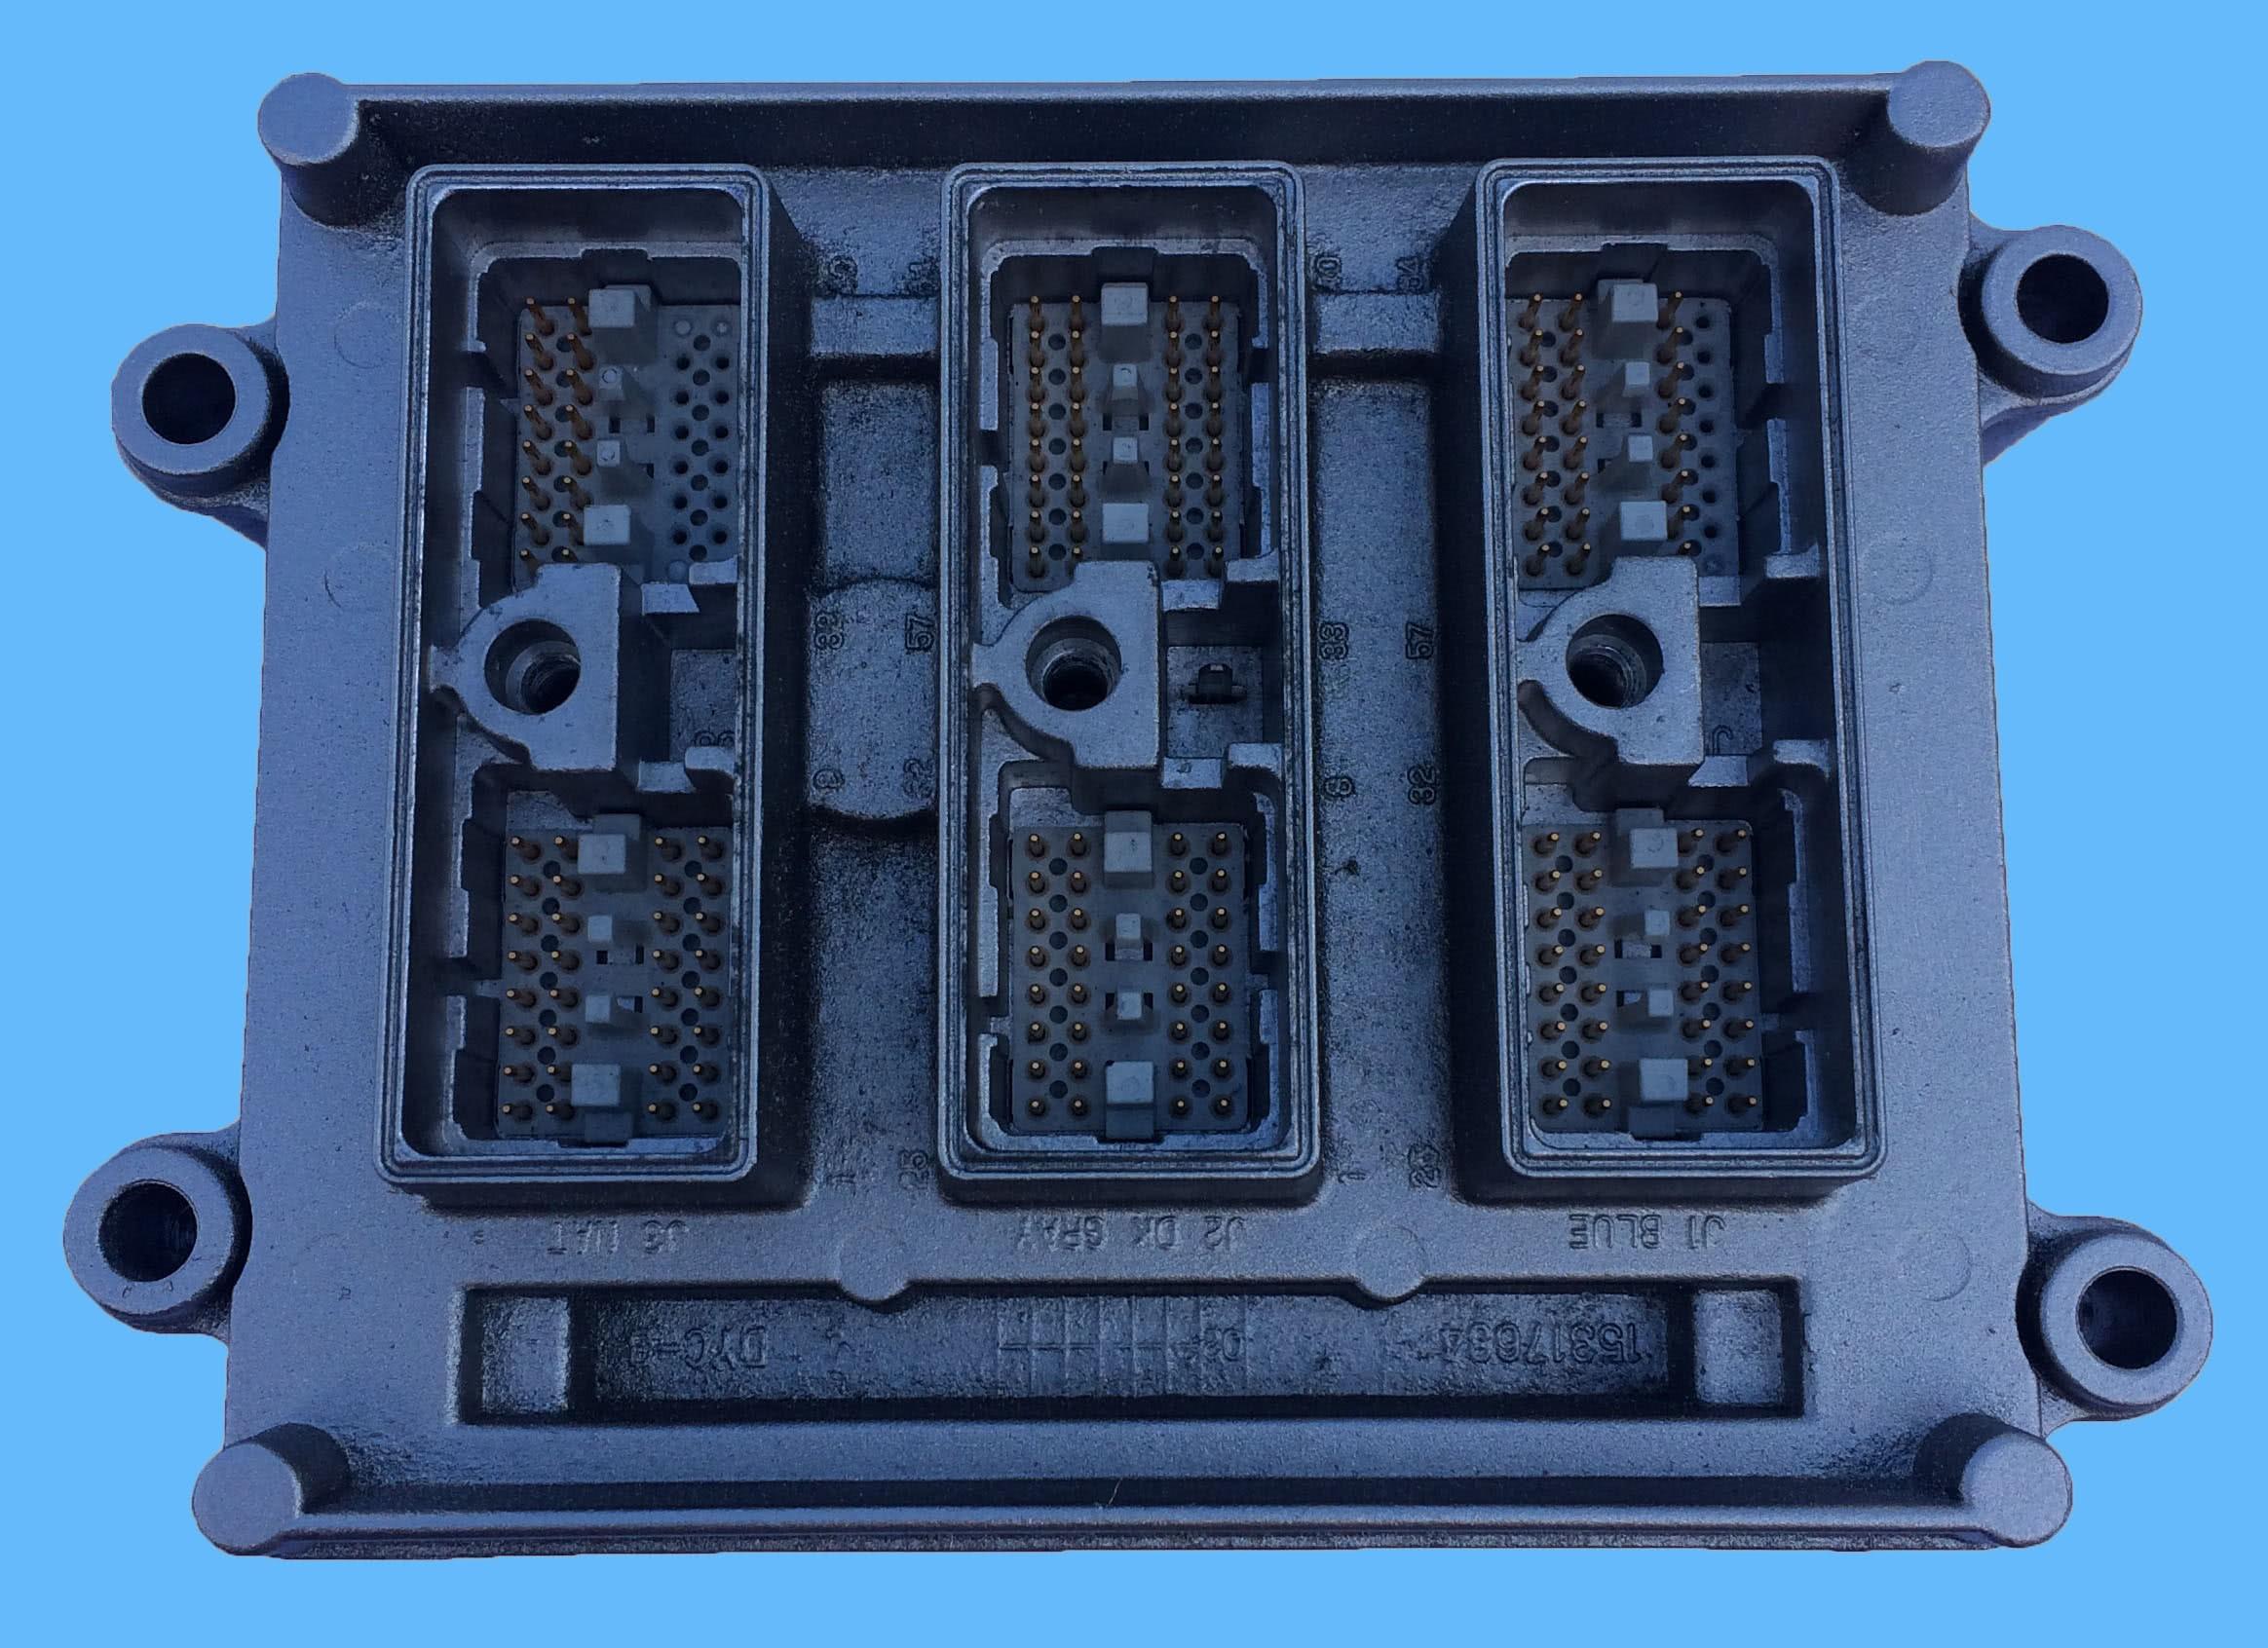 2003 Oldsmobile Bravada 4.2 L6 Cylinder Gas Engine Control Module ECM / PCM - Engine Control Module